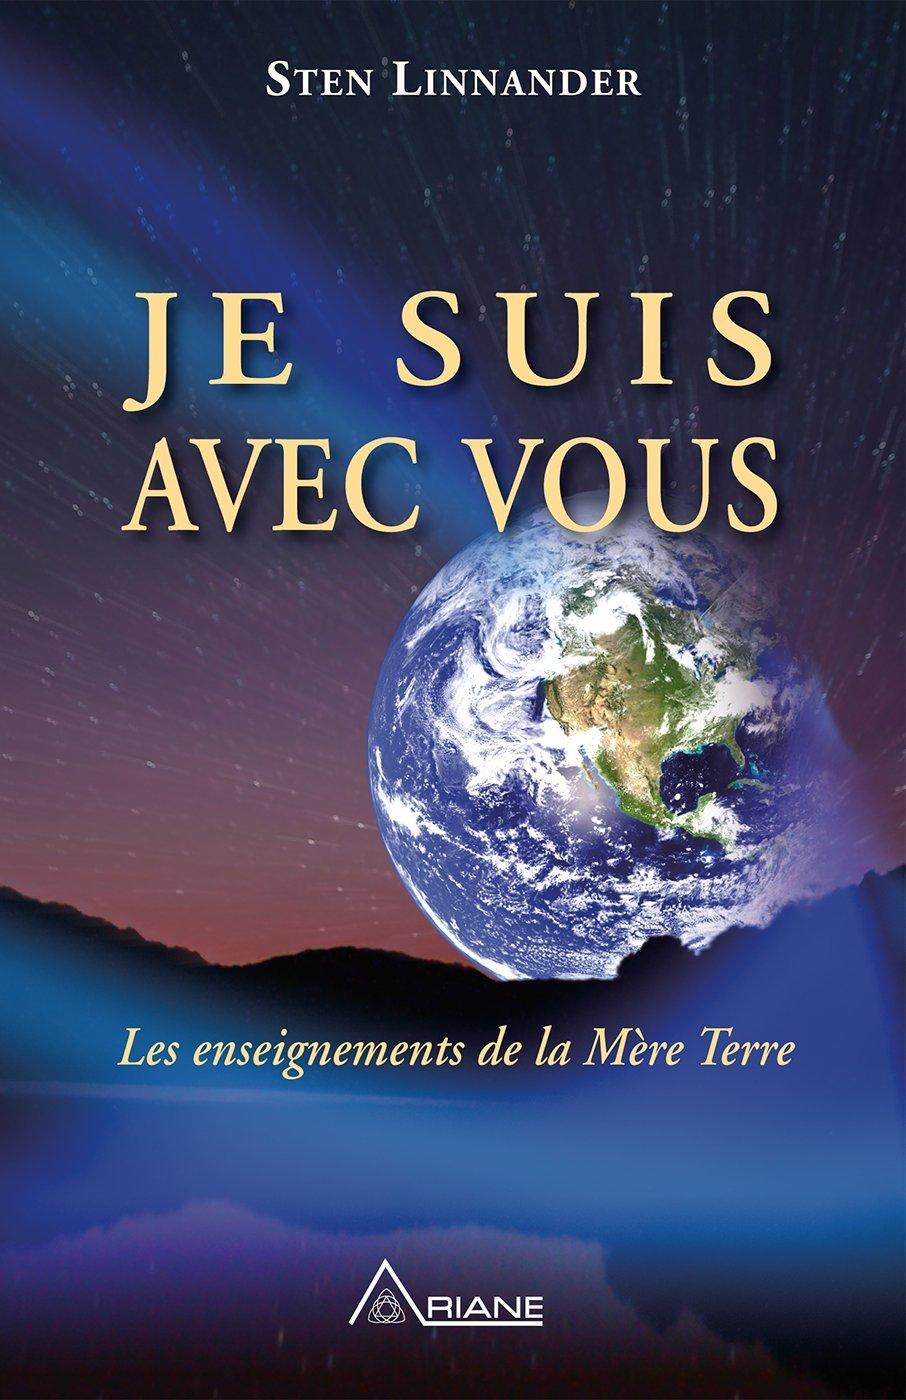 Je suis avec vous: Les enseignements de la Mère Terre